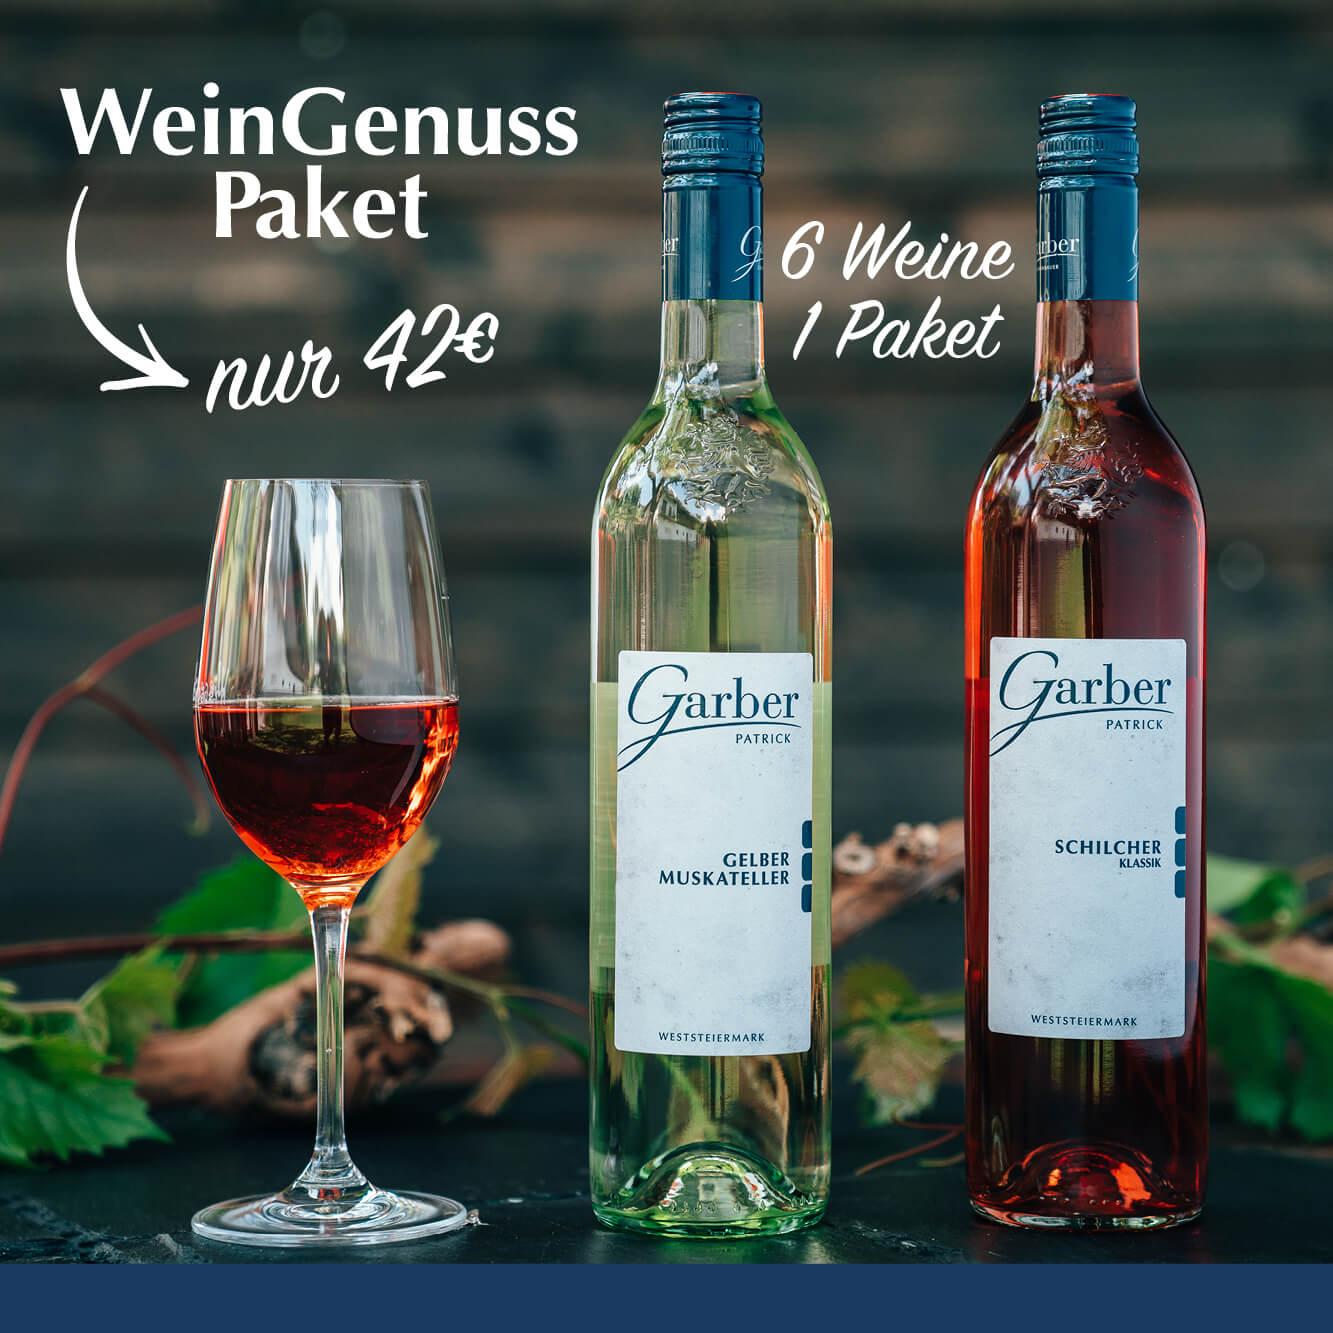 Wein Genuss Paket nur 42€, 6 Weine 1 Paket